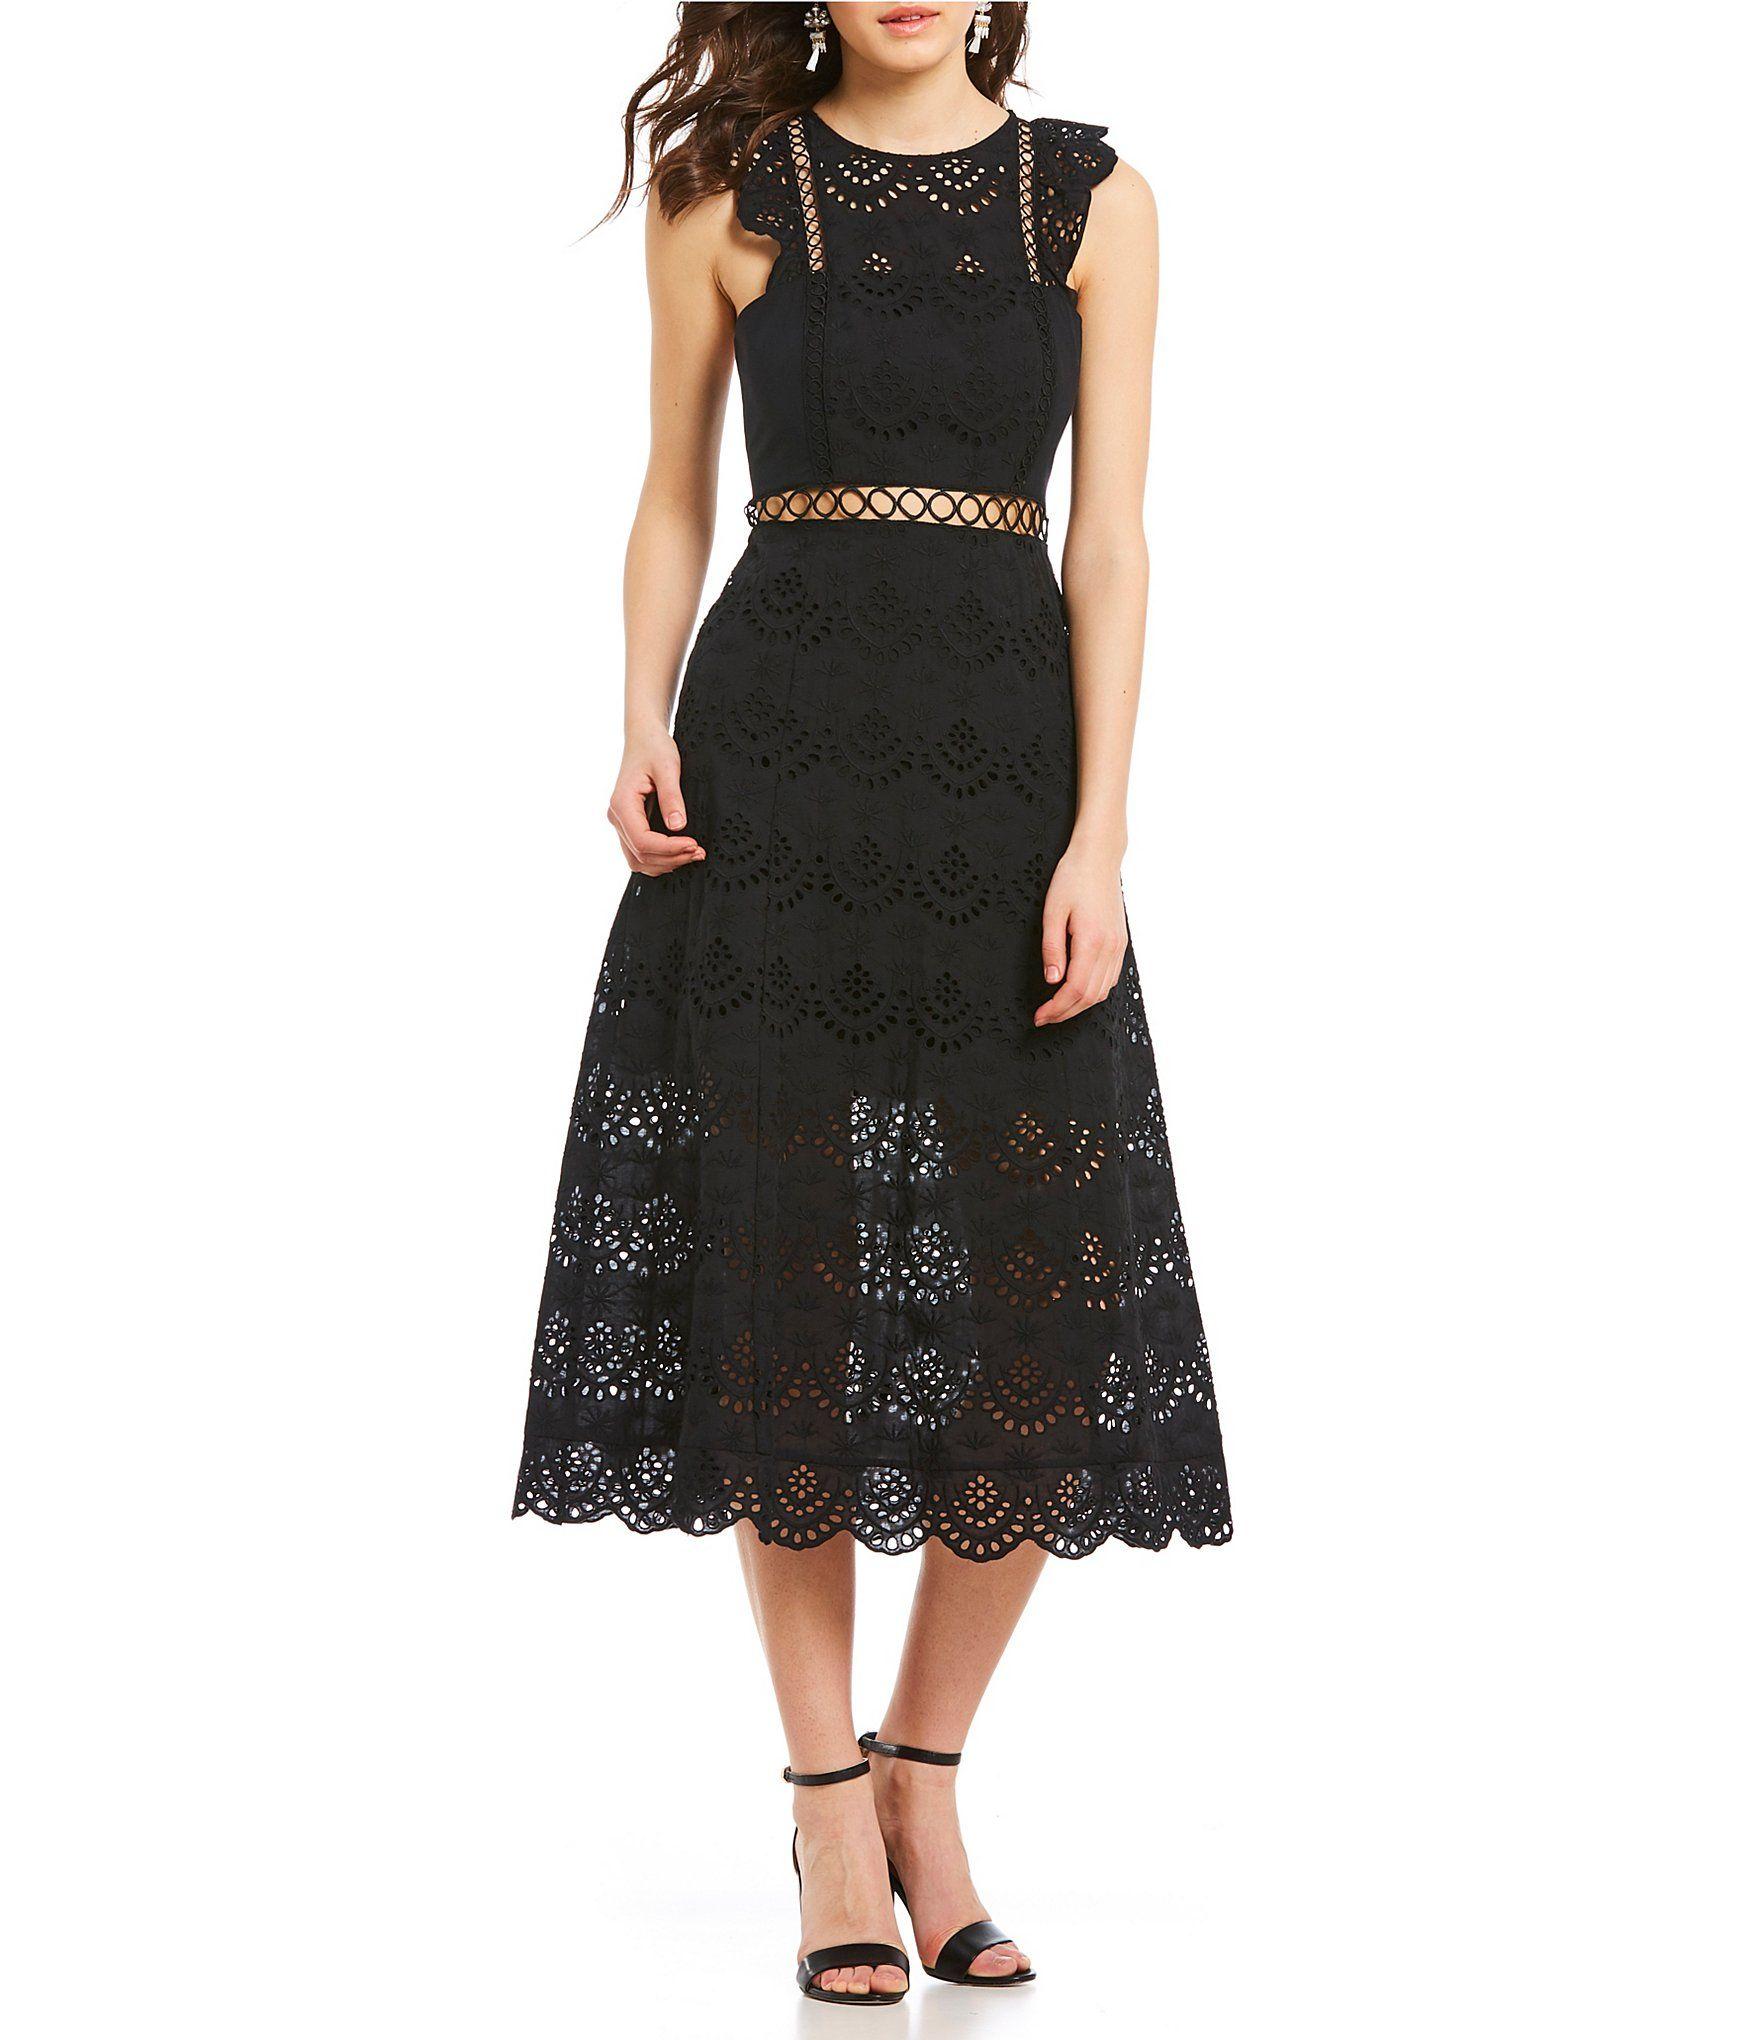 ae74b8b1 Black And White Lace Dress Dillards   Saddha